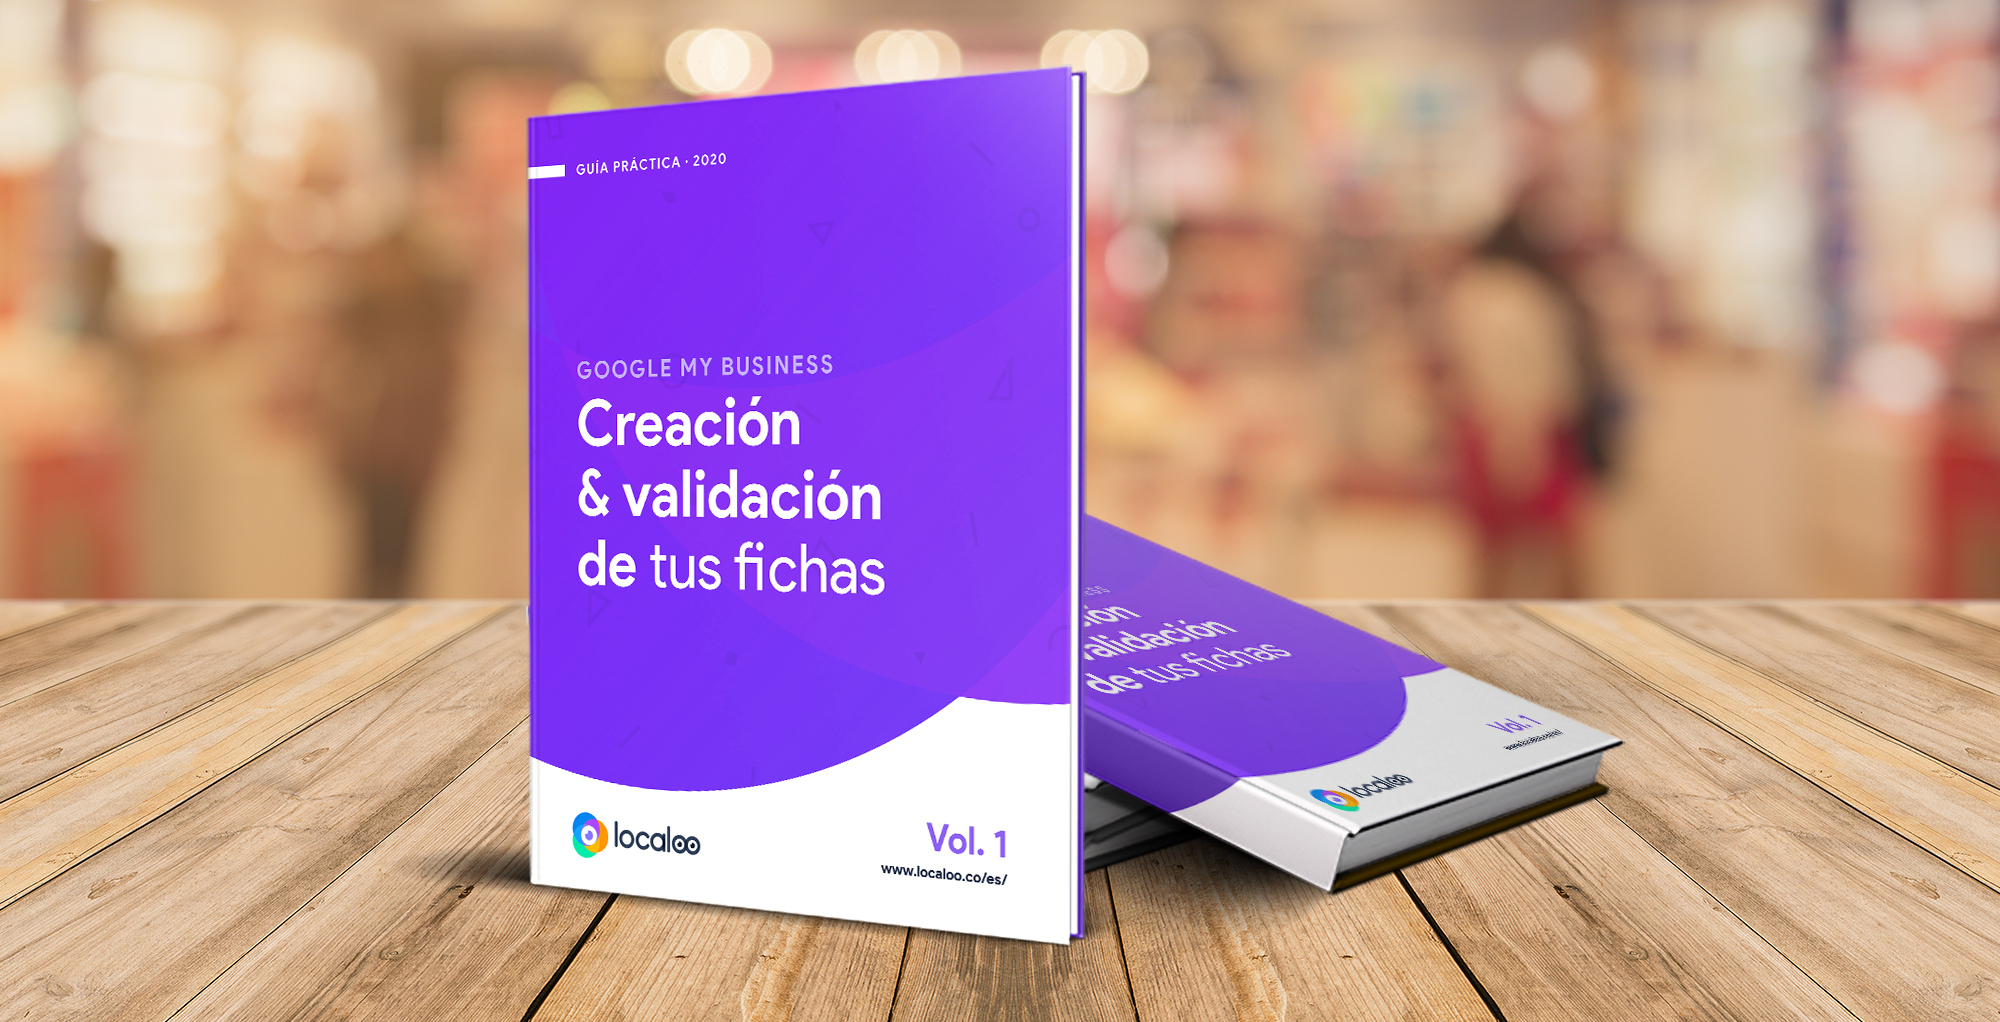 Guía Práctica Google My Business sobre la creación y validación de fichas